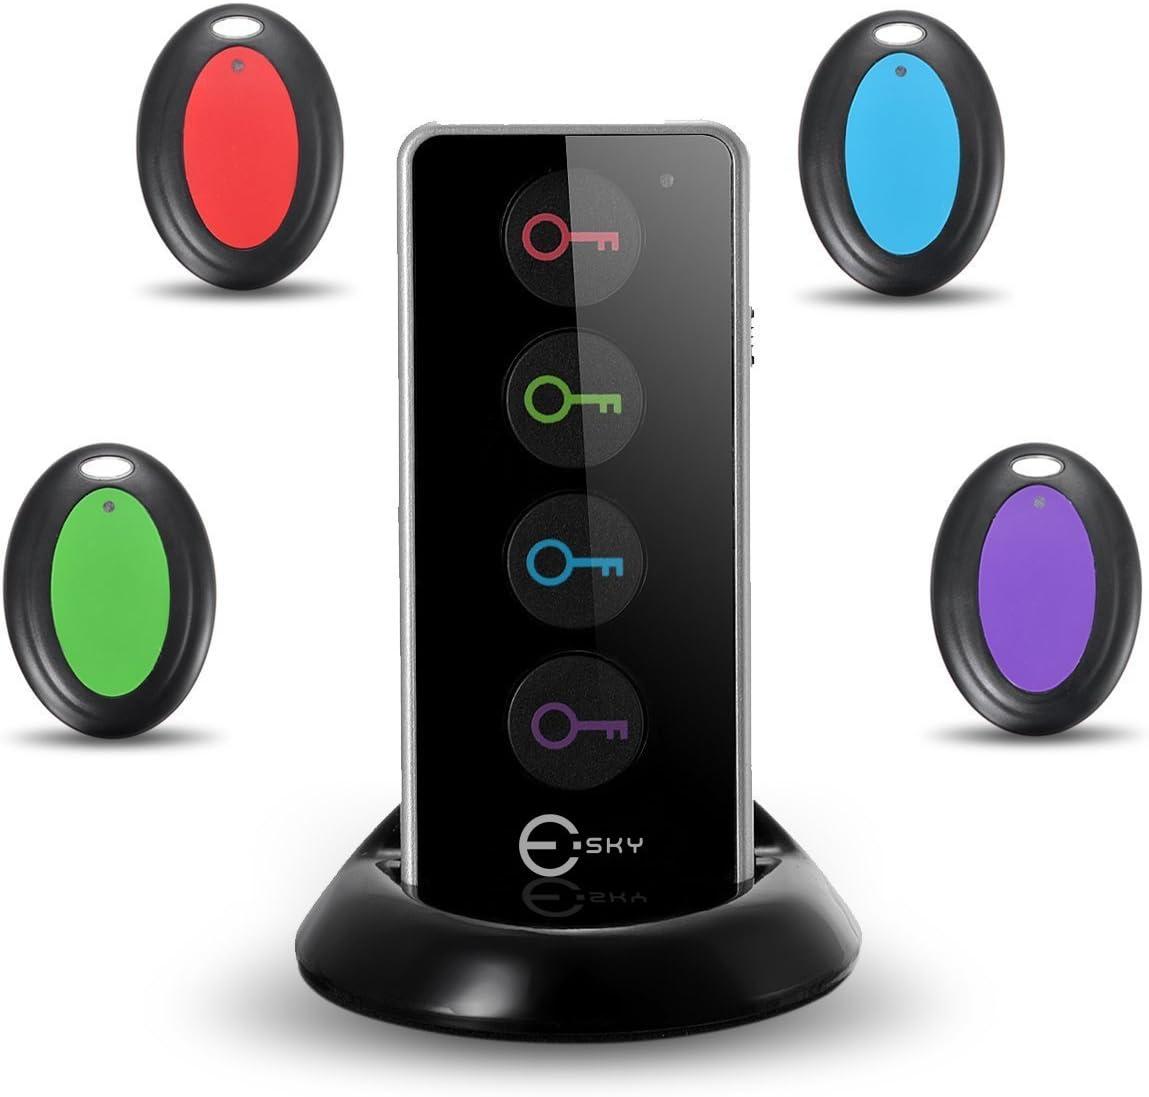 Esky® ES-KF02 Localizador Inalámbrico de Llaves con Base de Soporte y LED, Control Remoto, 1 Radio Frecuencia Transmisor, 4 Receptores-Negro